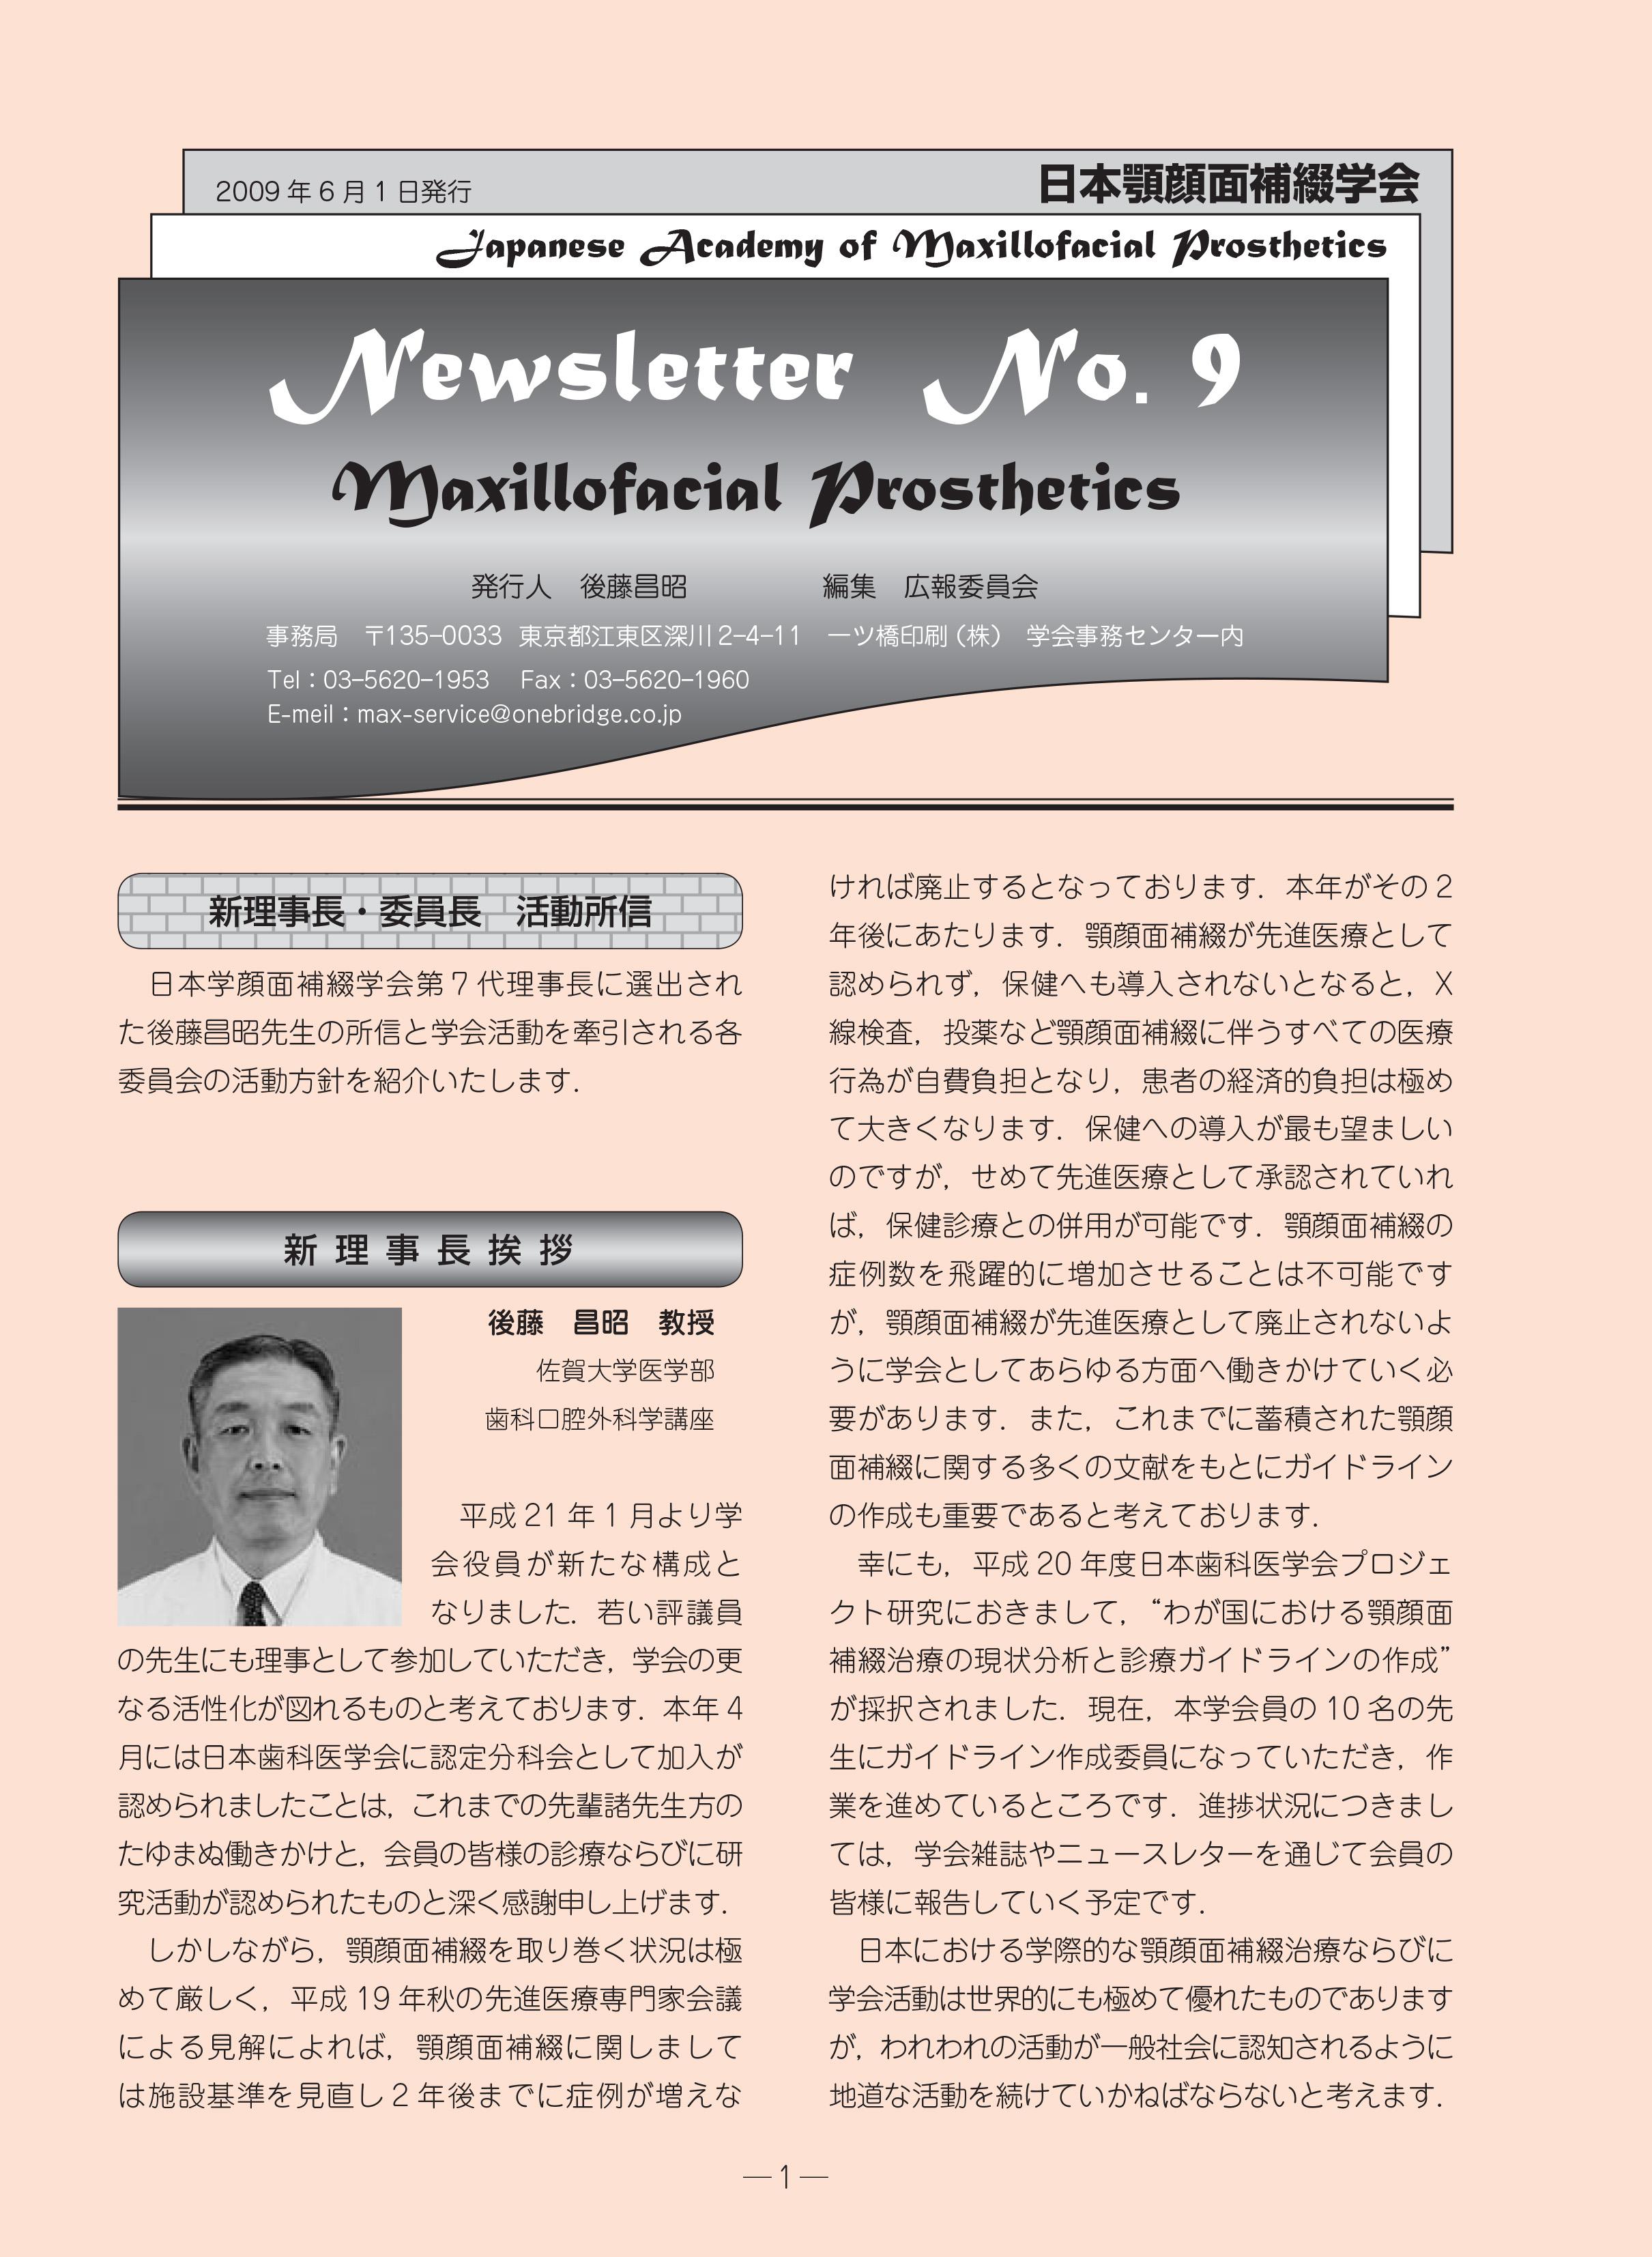 ニュースレター No.9